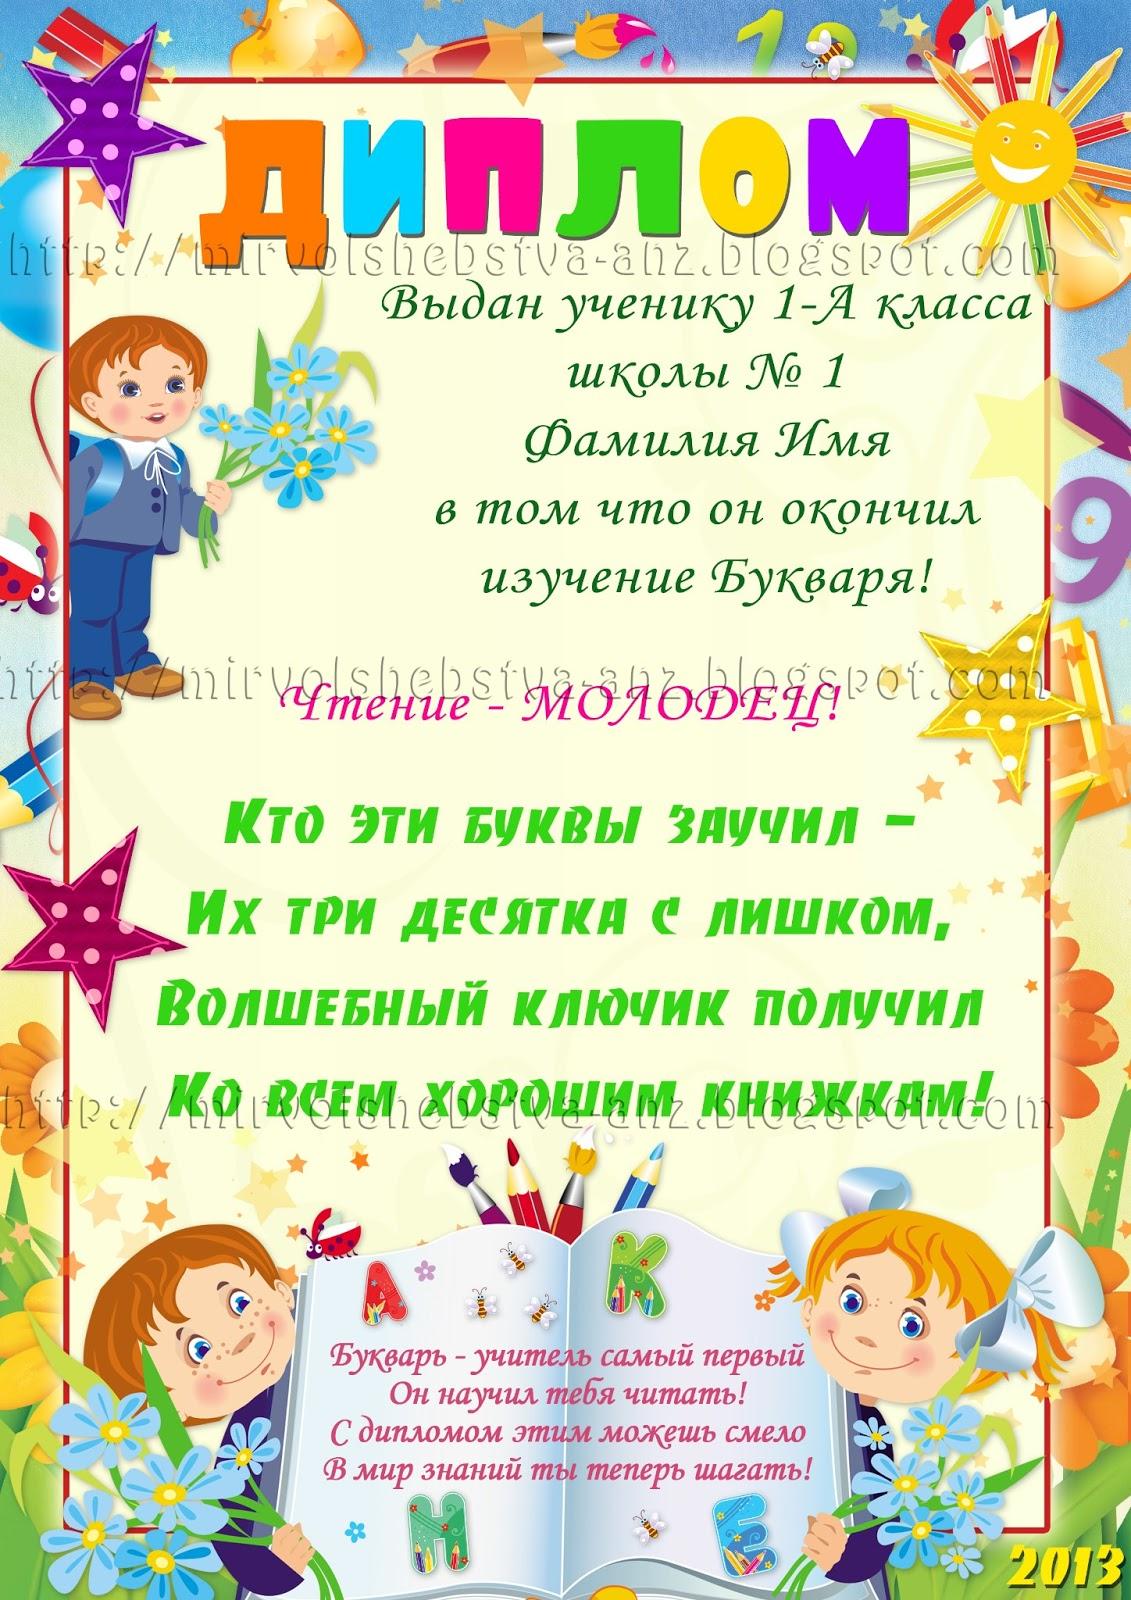 Мир волшебства Анжелики Плакаты для садика и школы 21 4 Диплом на прощание с Букварем